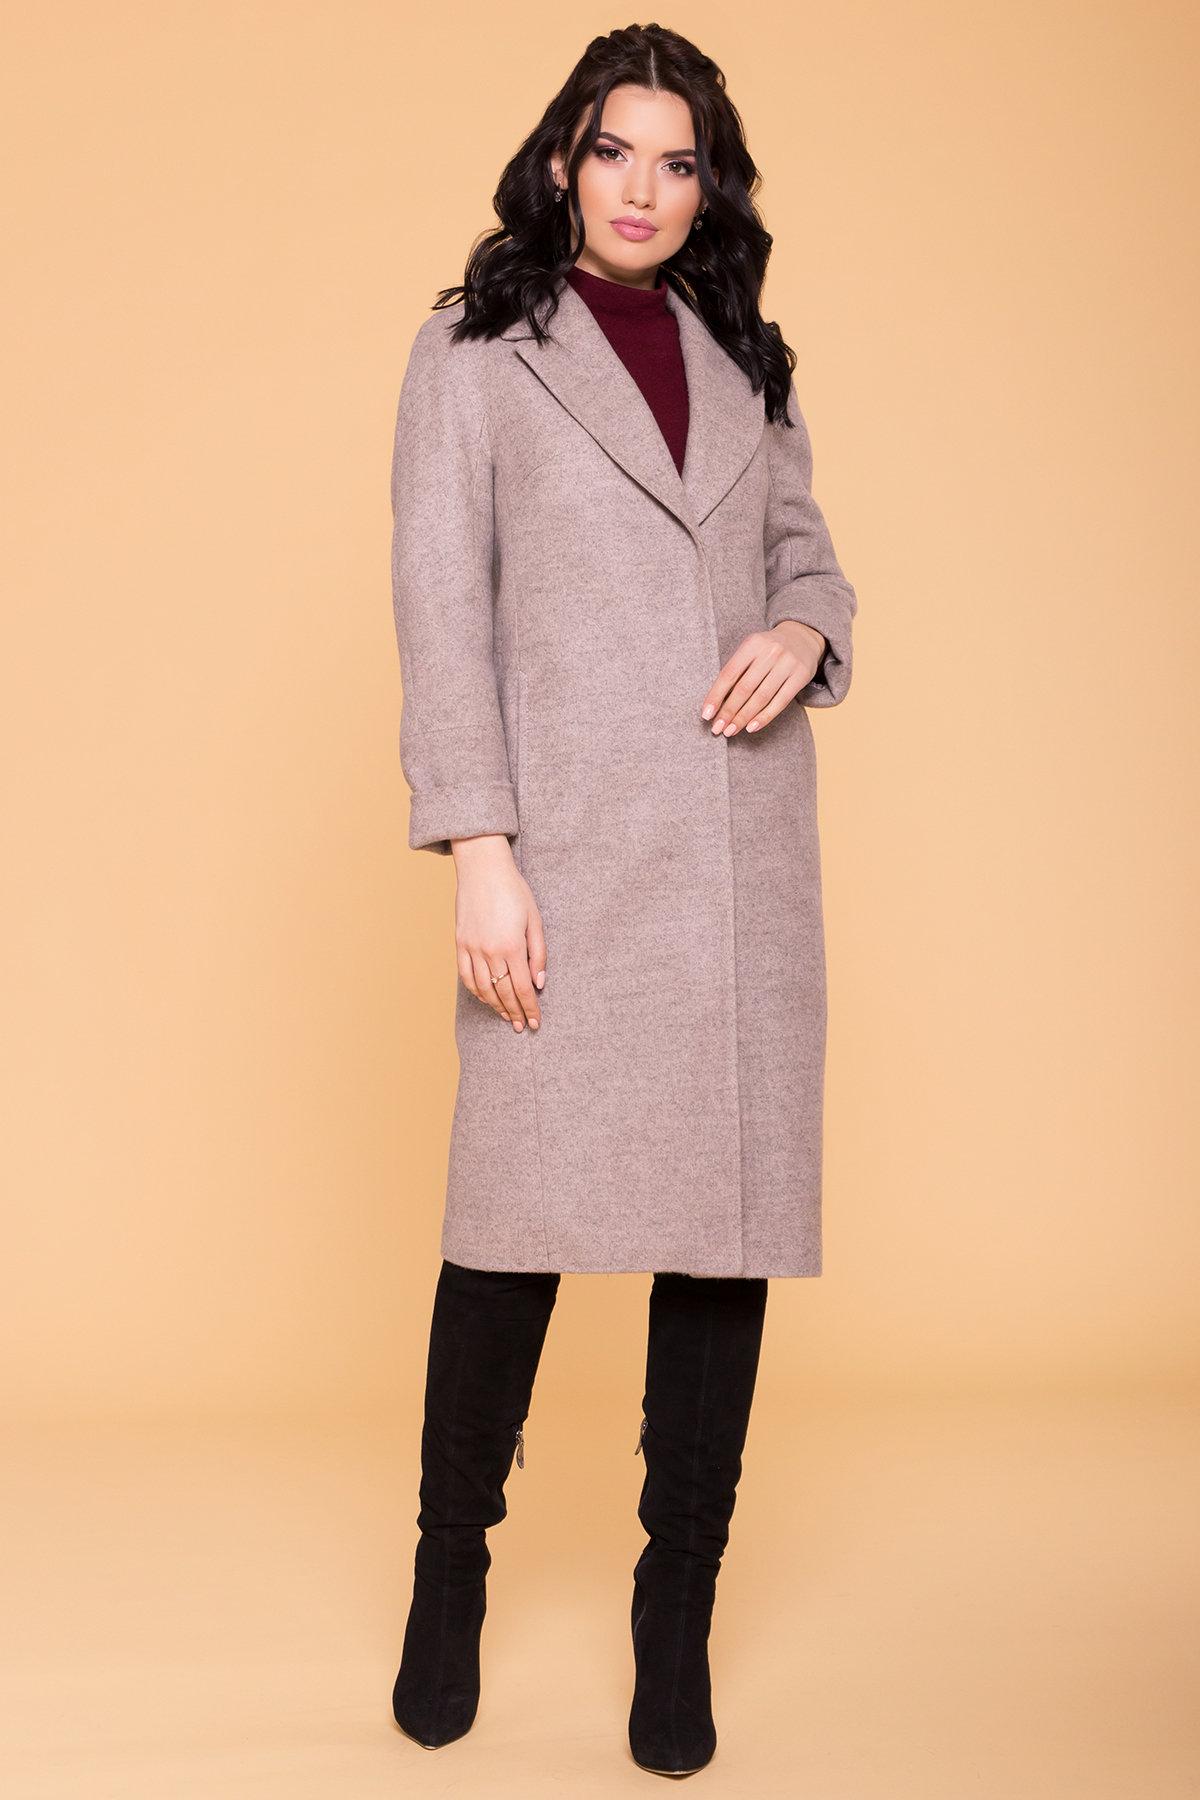 Пальто Верди 6205 АРТ. 41214 Цвет: Бежевый 31 - фото 5, интернет магазин tm-modus.ru